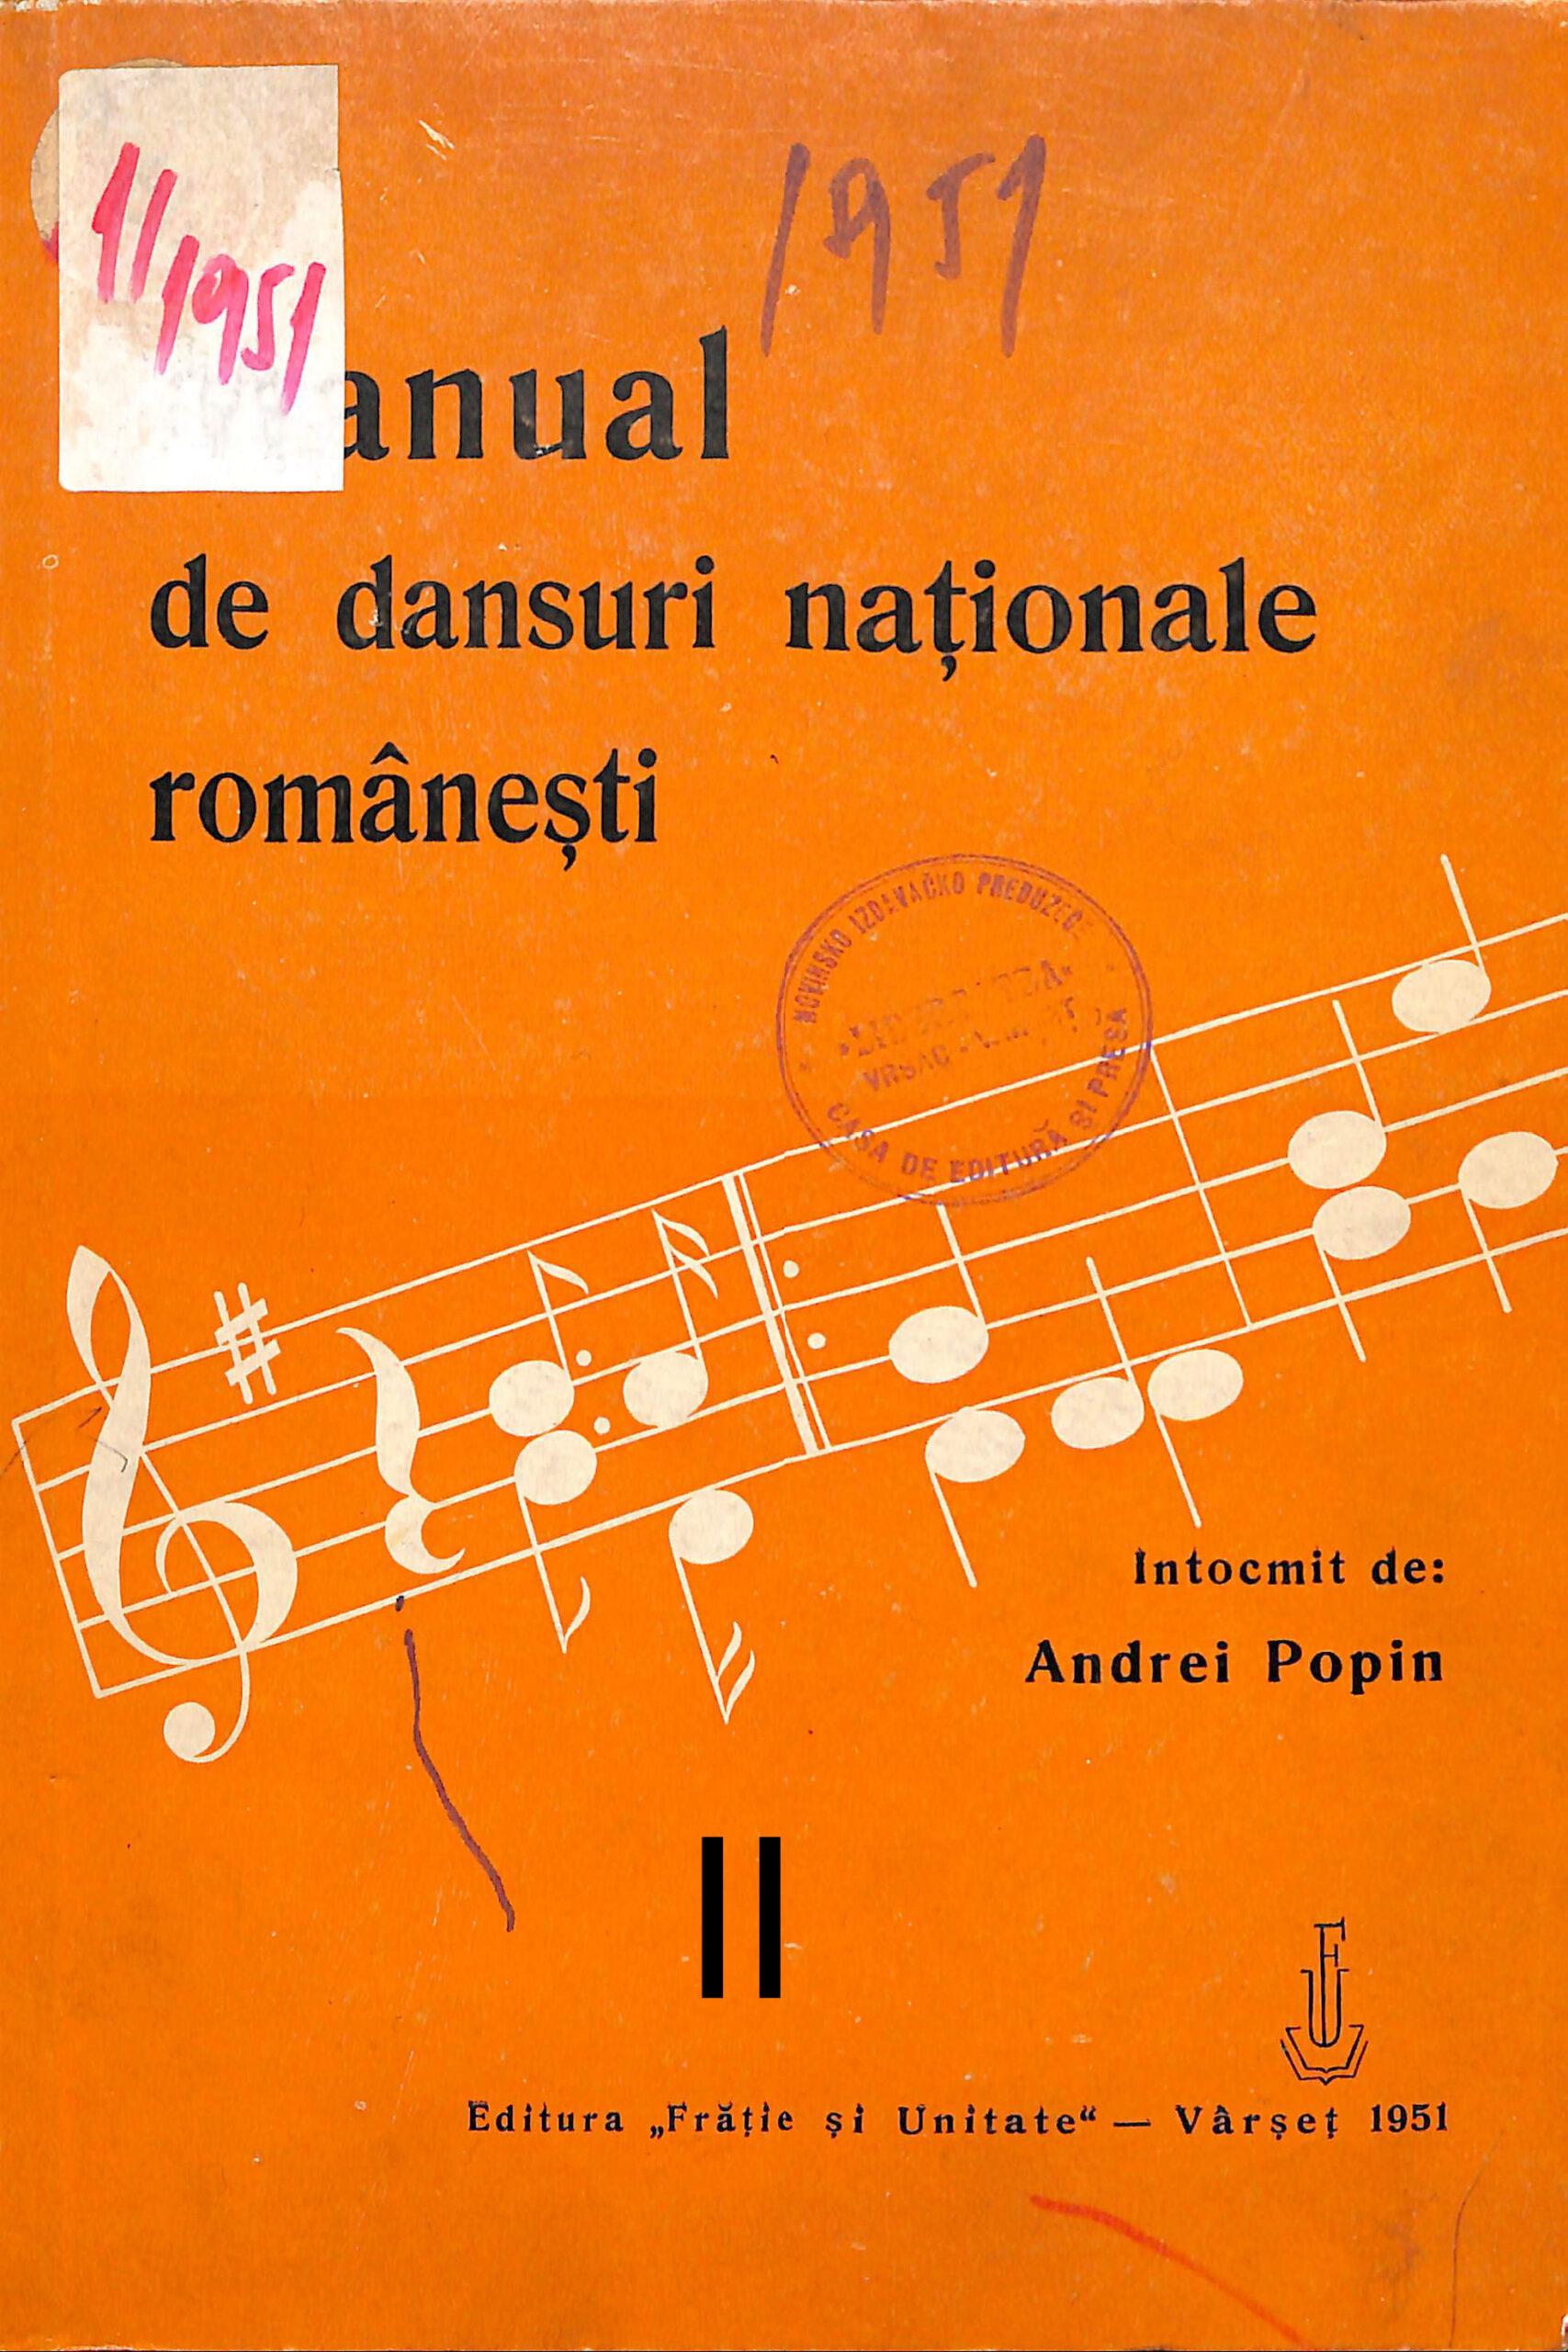 Manual de dansuri naţionale româneşti II